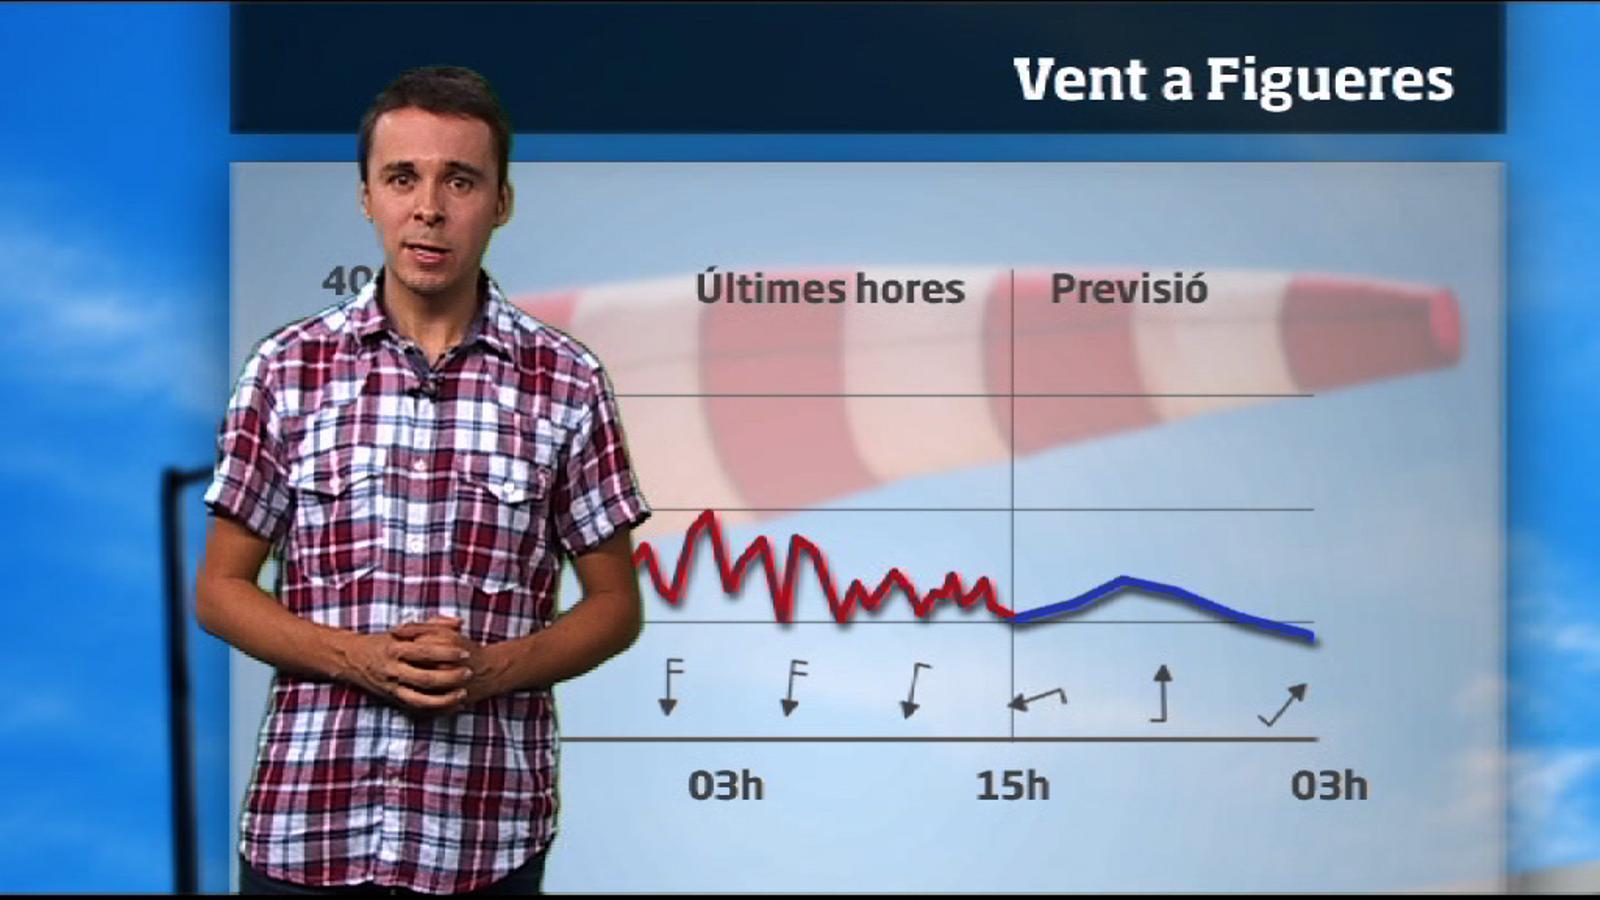 La méteo especial Empordà: dimarts no bufarà tramuntana (24/07/2012)